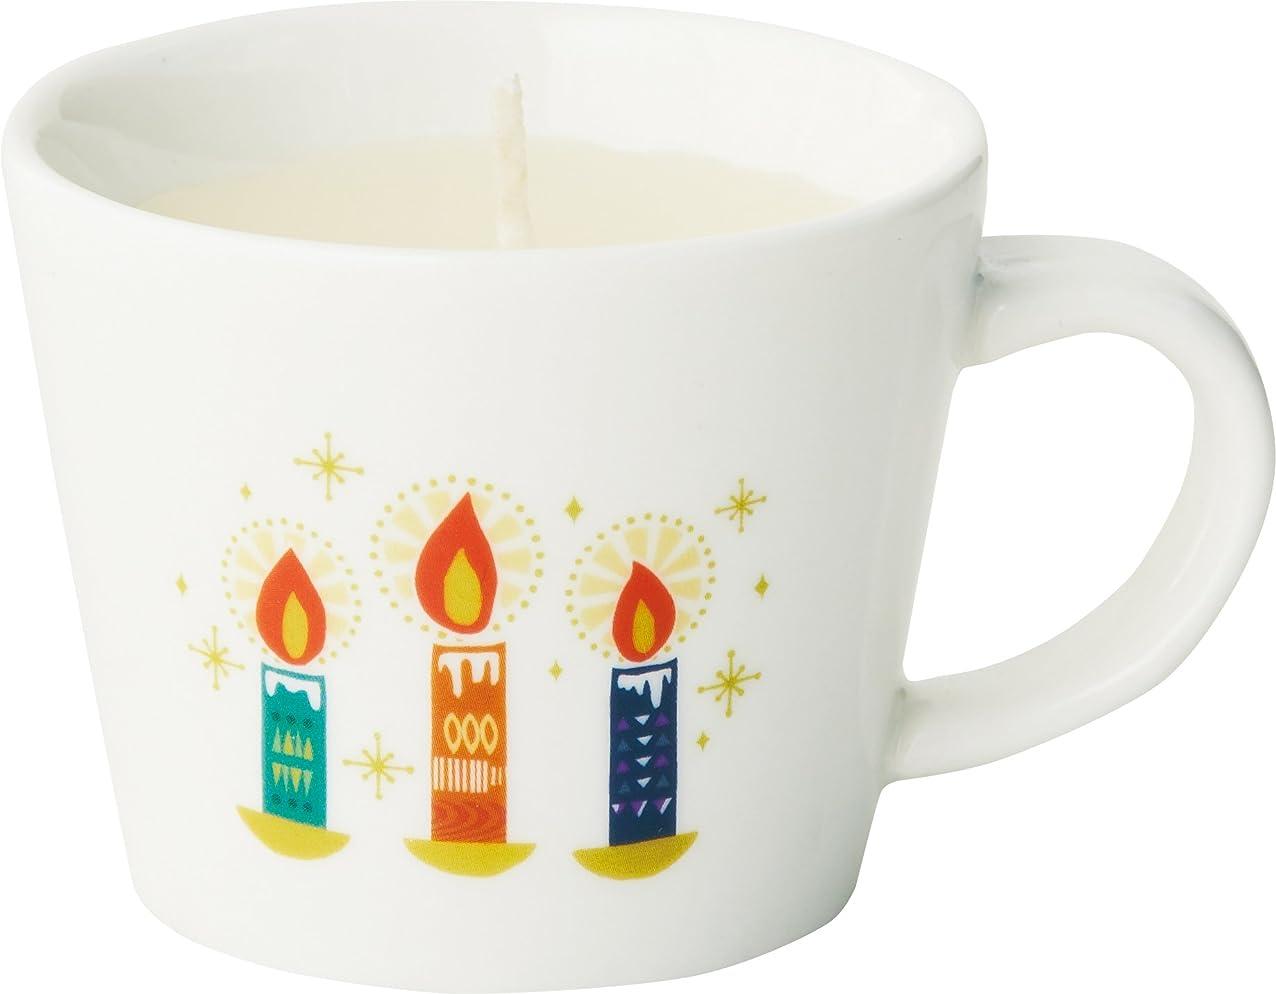 鳩祝福メタルラインカメヤマキャンドルハウス HYGGE ヒュッゲ マグカップキャンドル キャンドル(ホットミルクの香り)